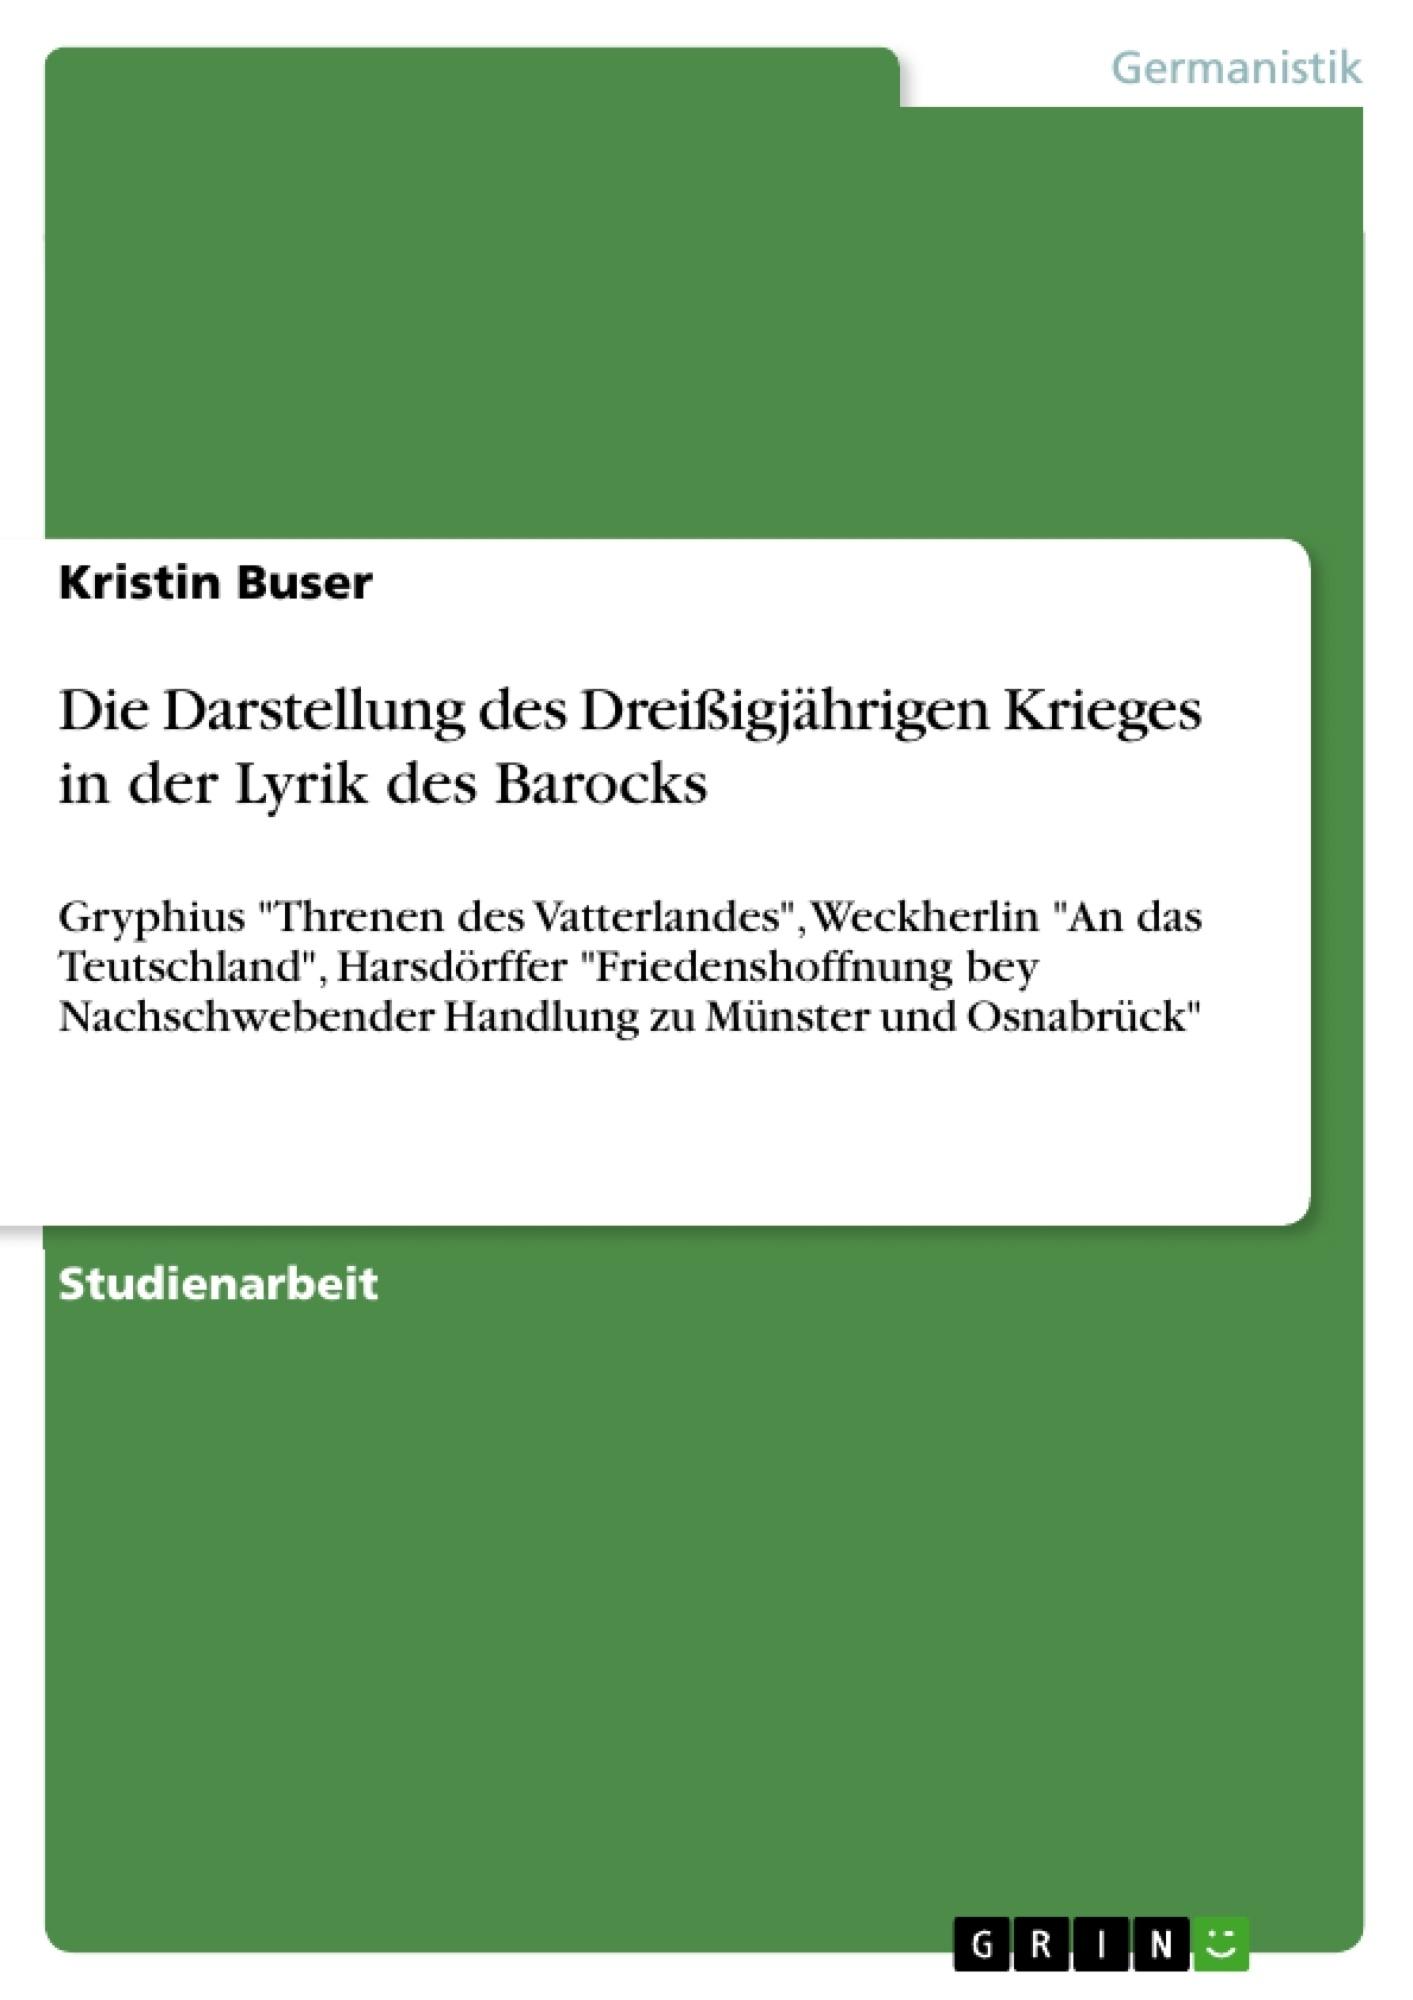 Titel: Die Darstellung des Dreißigjährigen Krieges in der Lyrik des Barocks